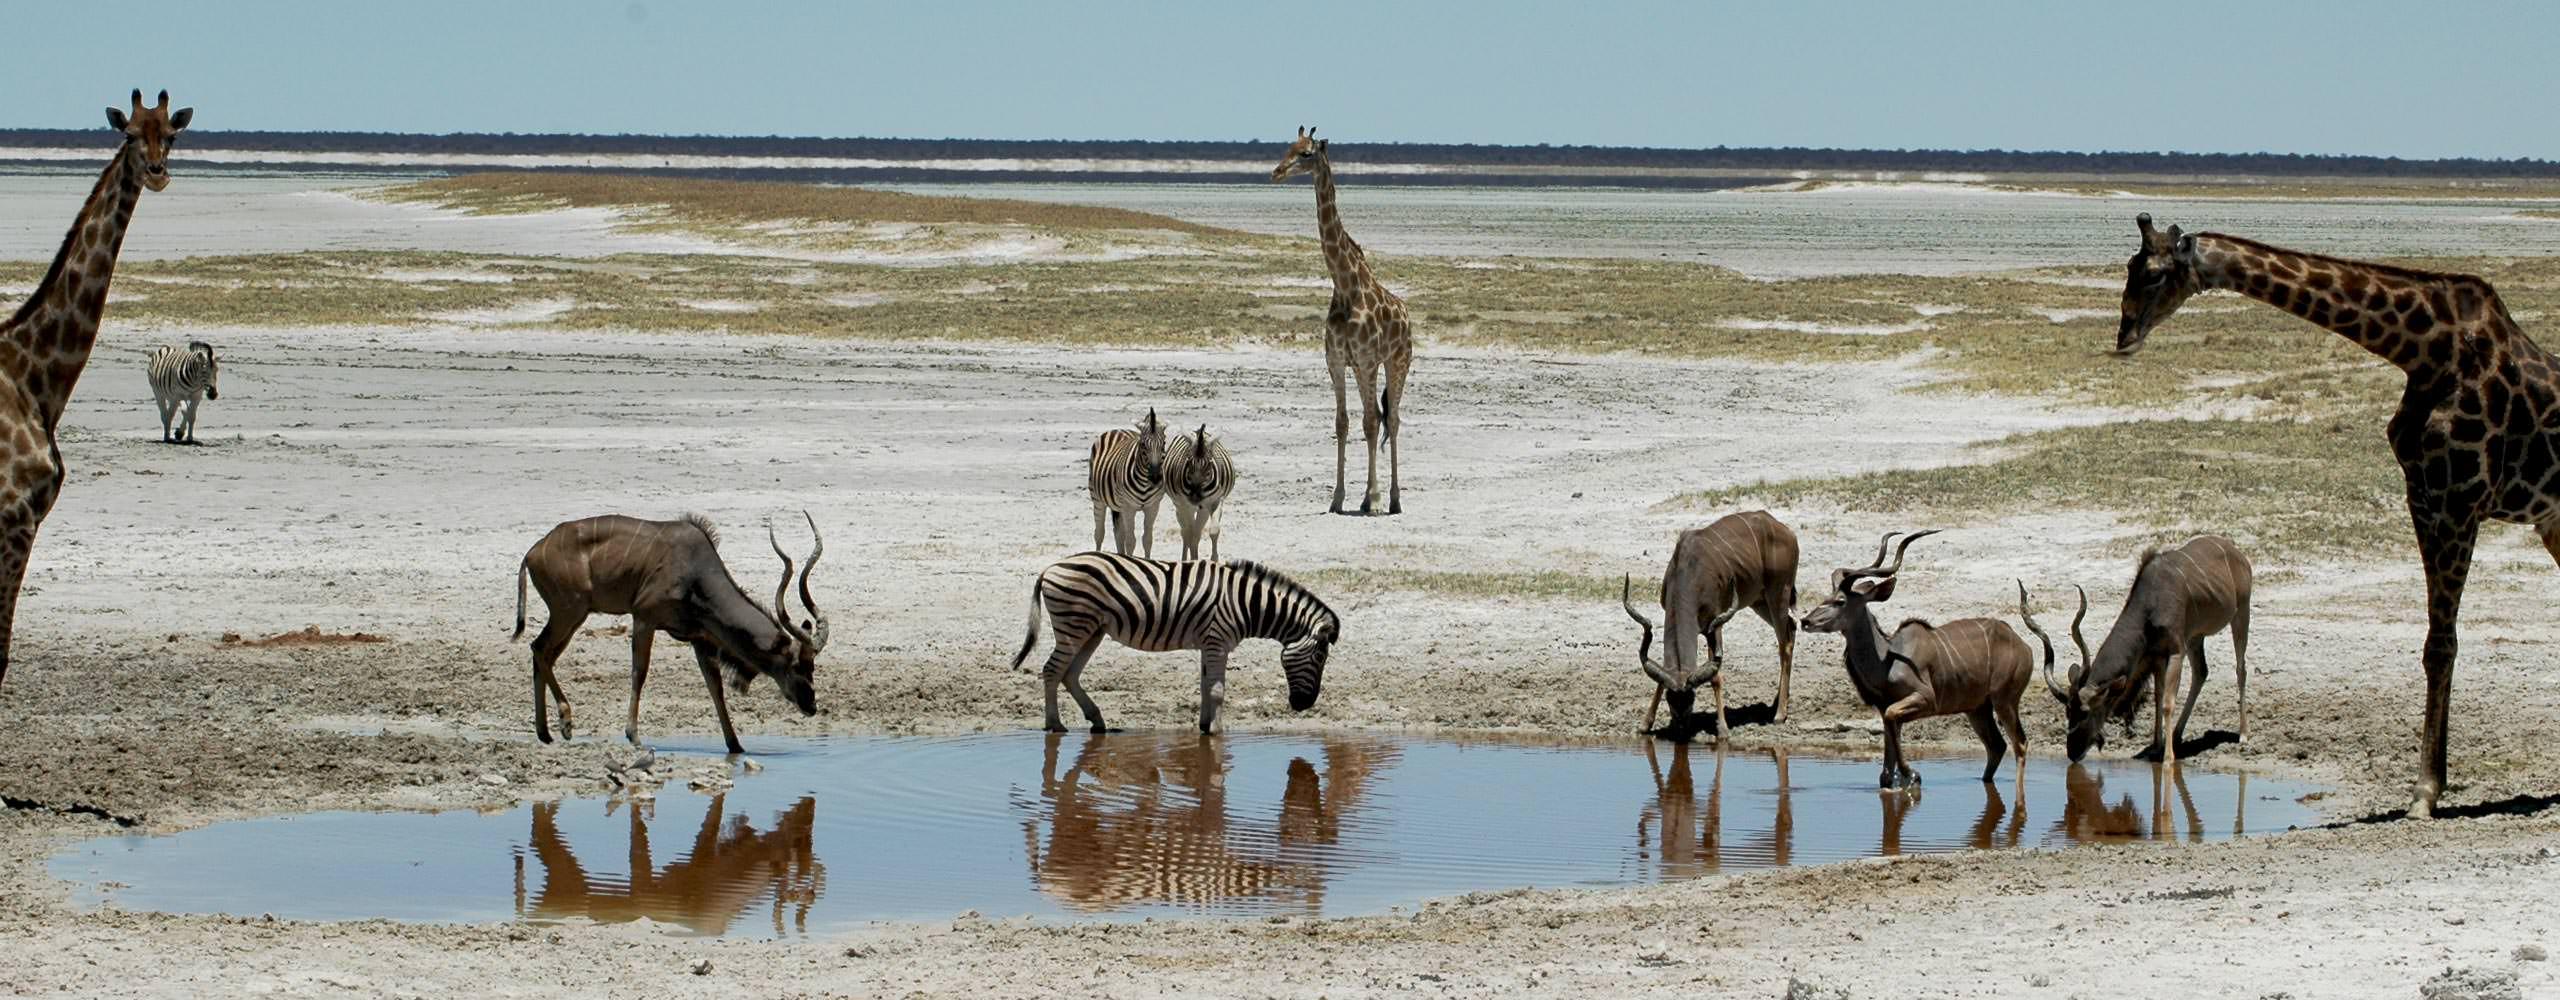 טיול ג'יפים לנמיביה - 12 יום - טיול במדבר היפה בעולם